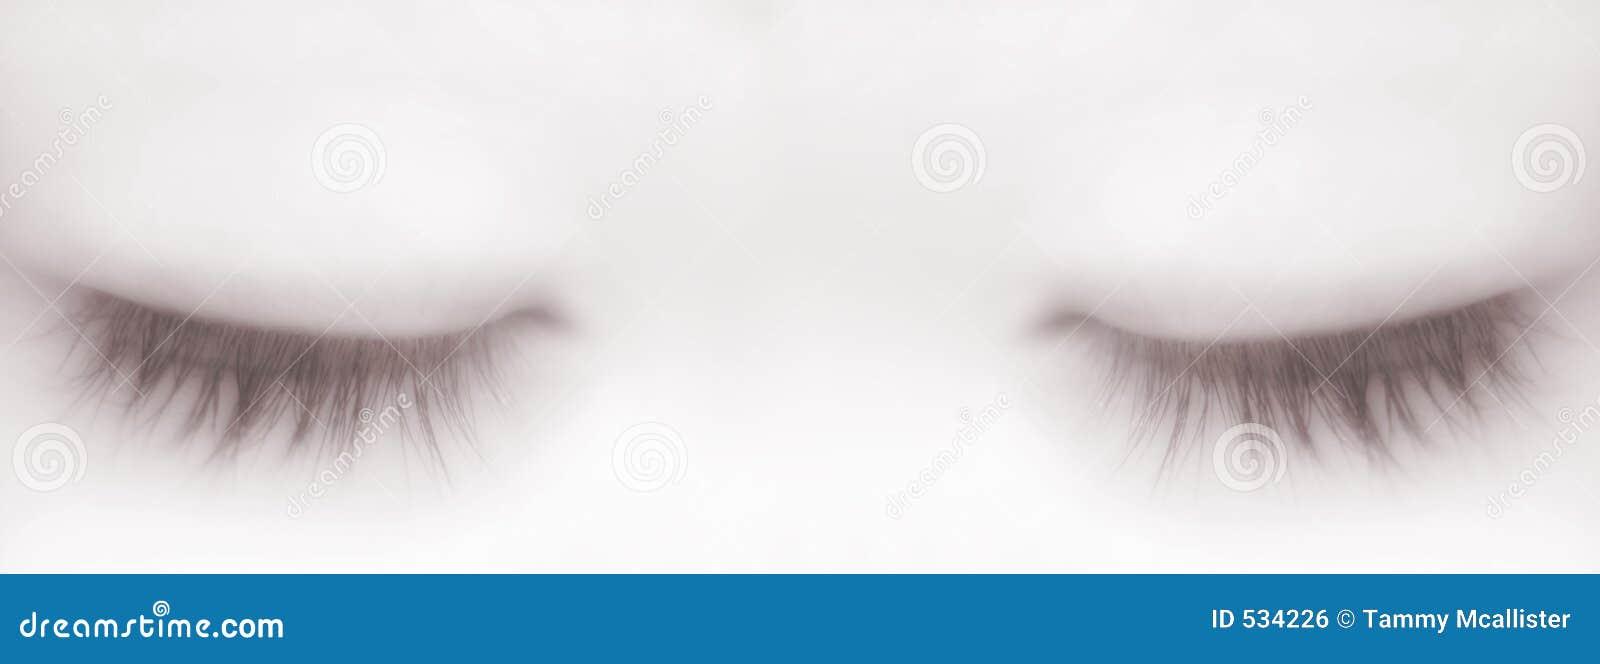 Sleeping eyes